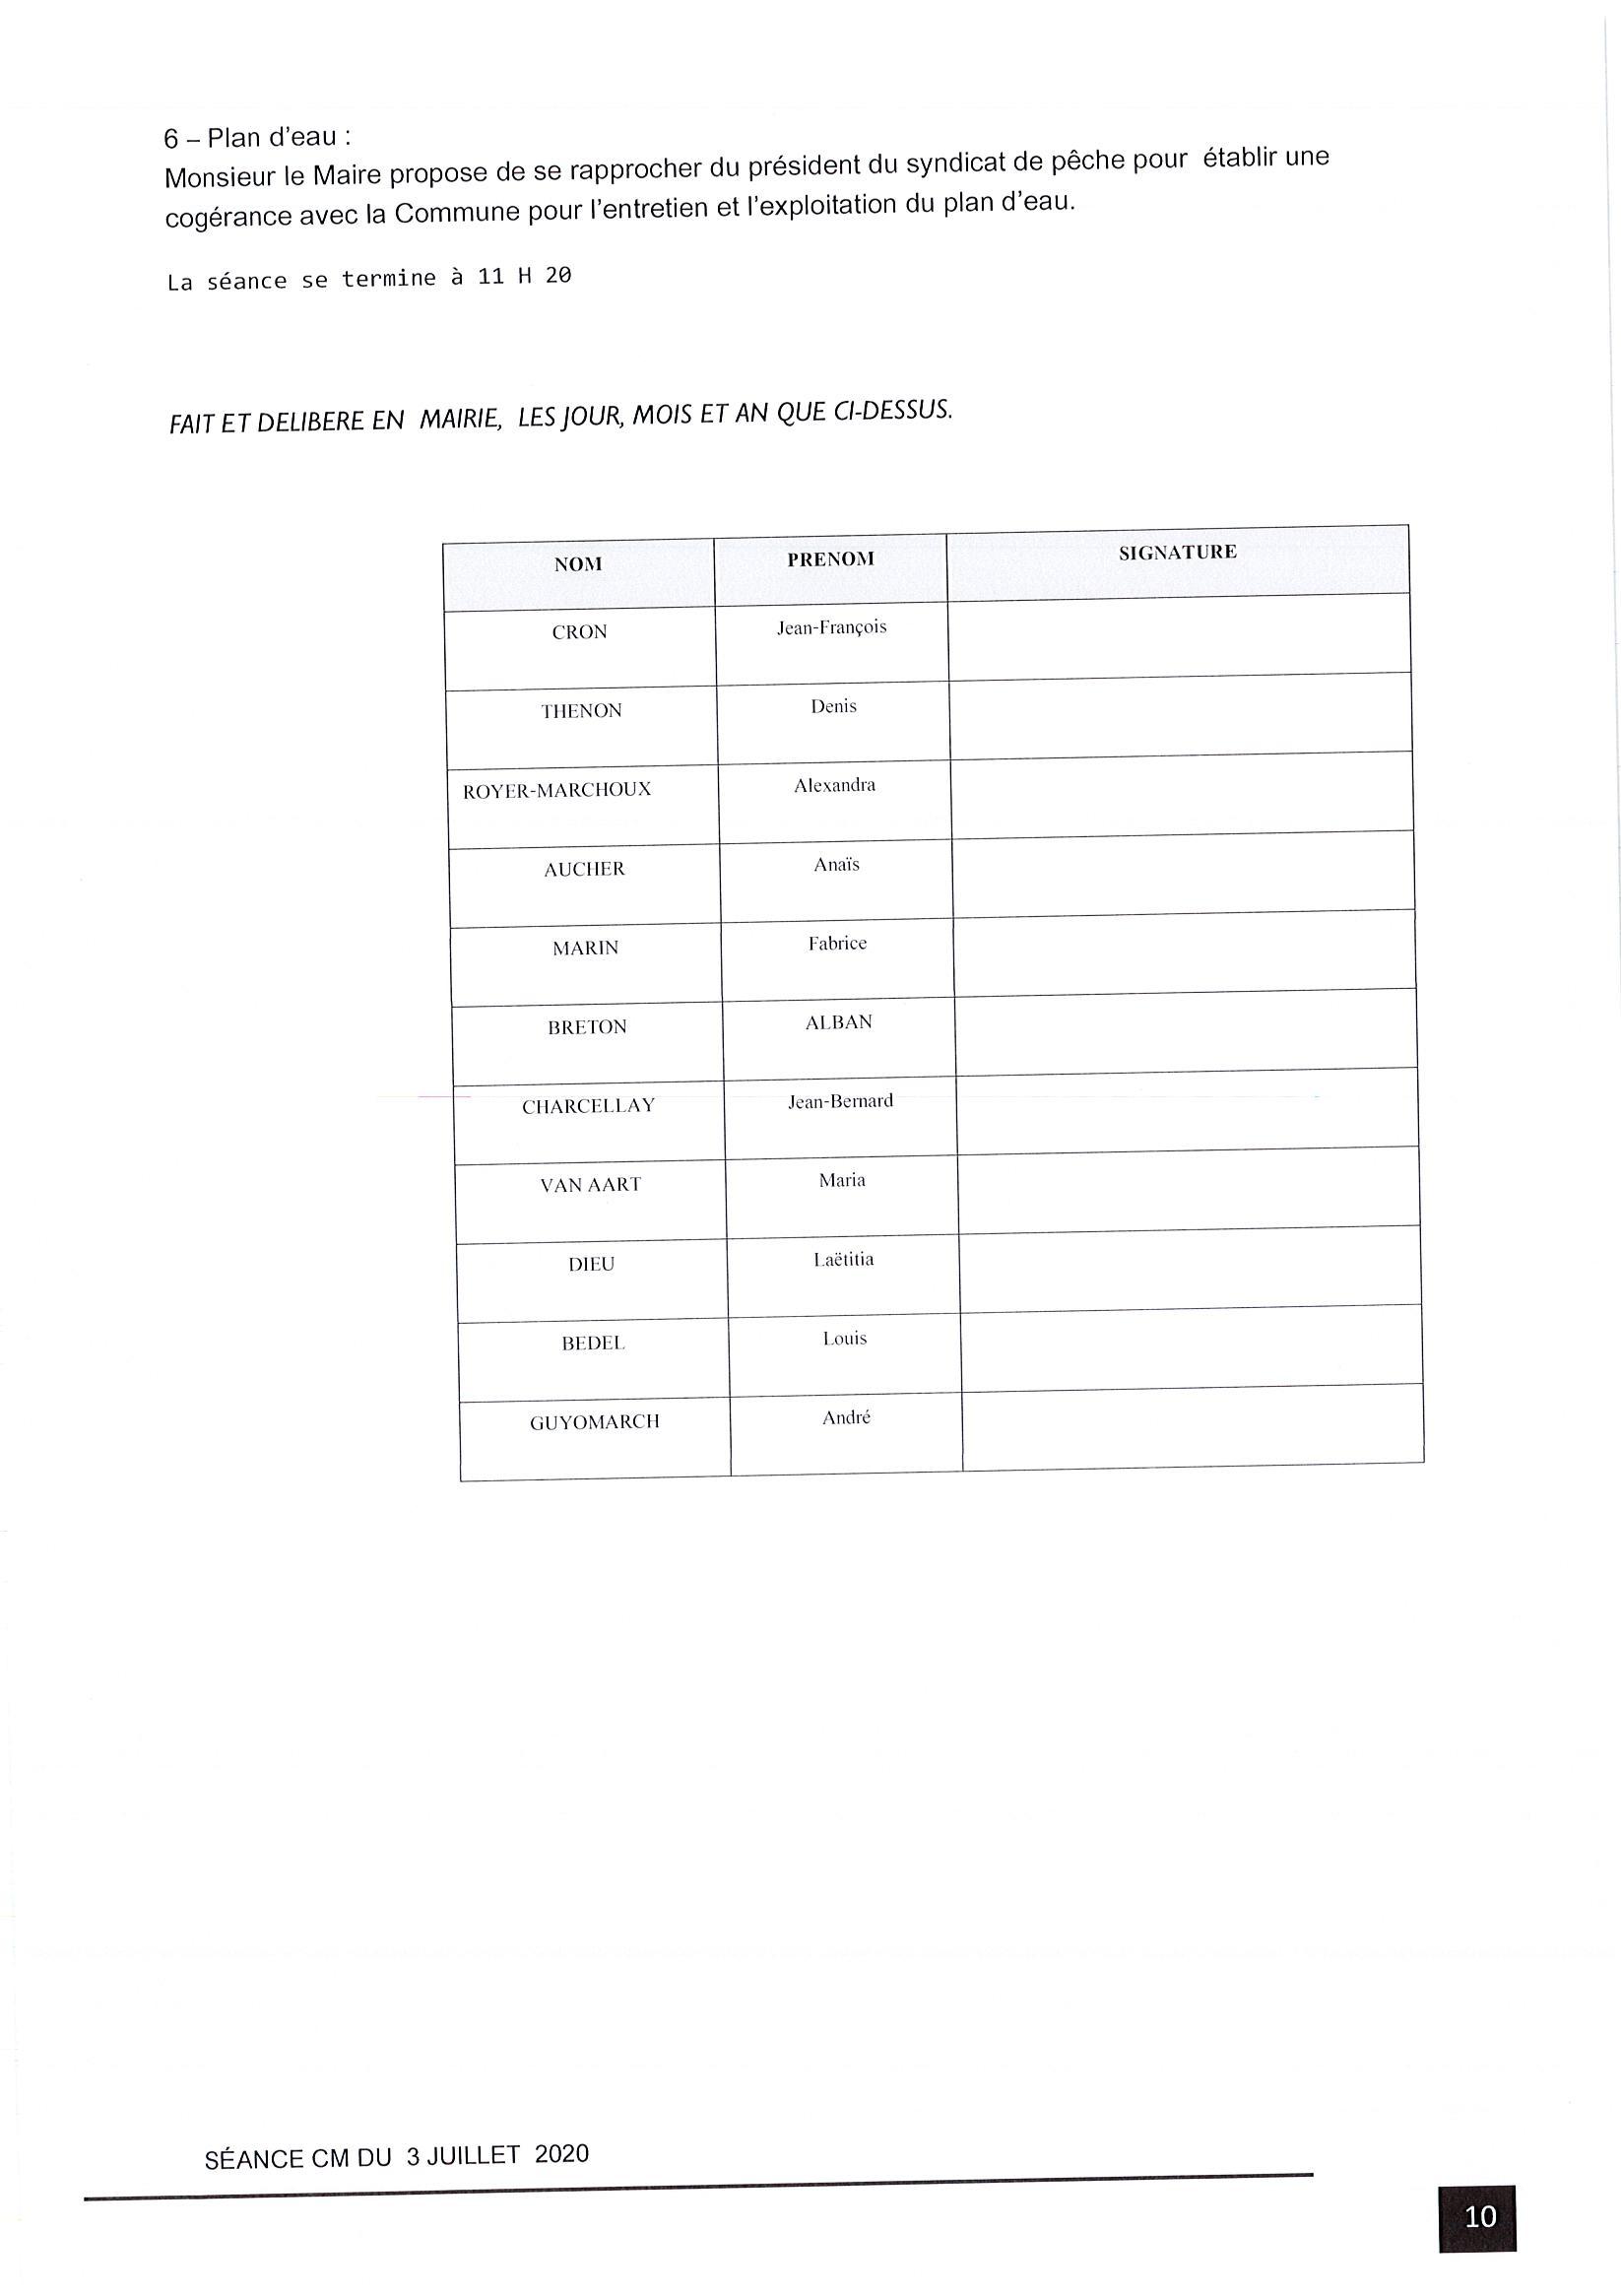 accueil/doc101120-10112020121830-0018.jpg